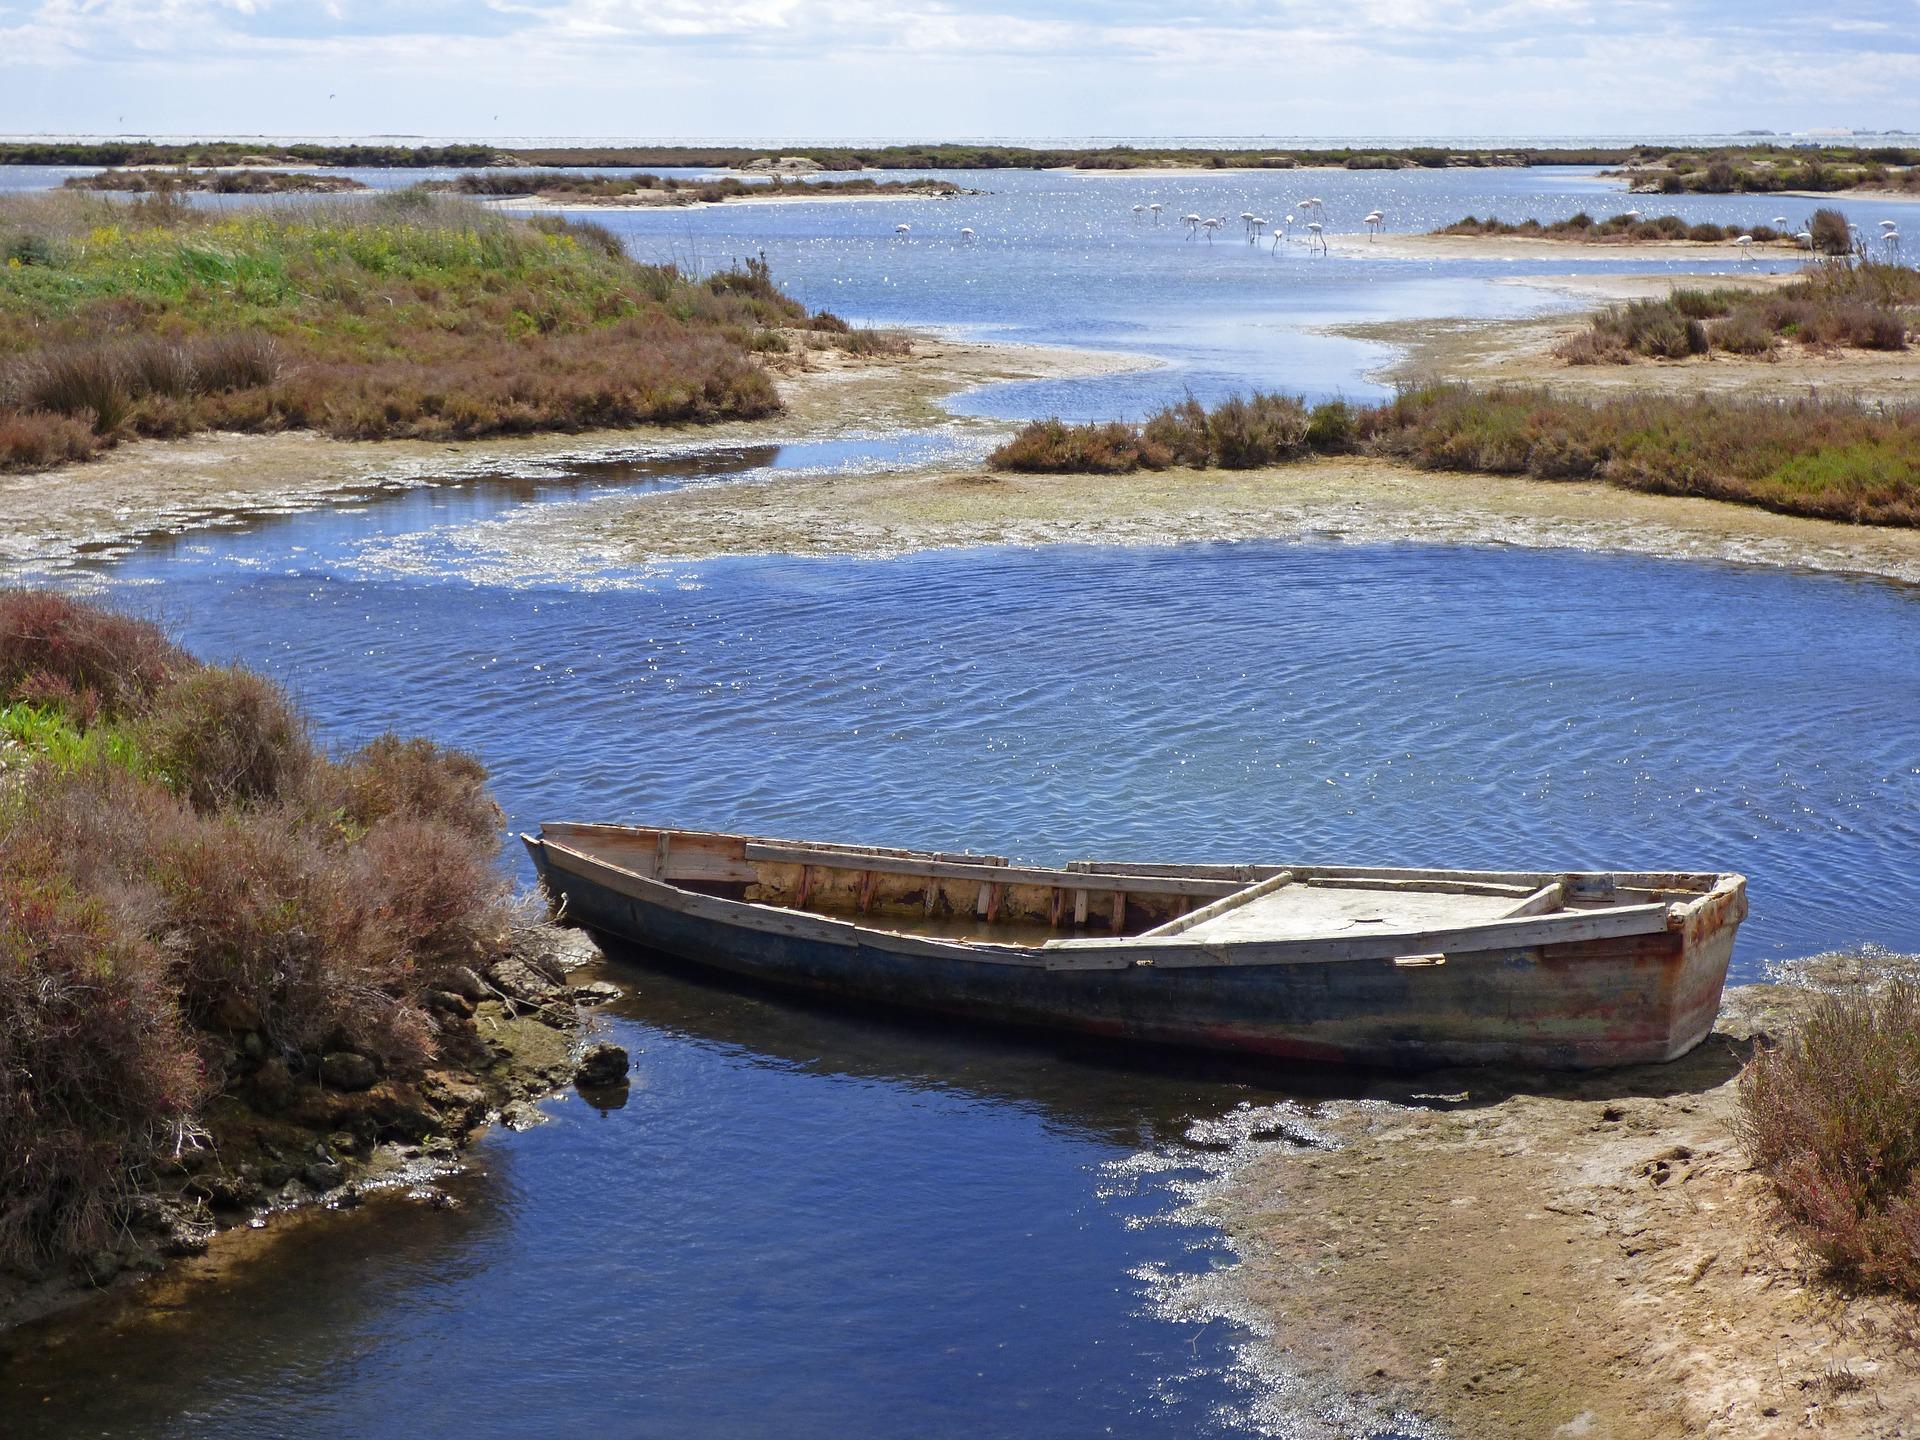 el-delta-del-ebro,-una-excelente-escapada-rural